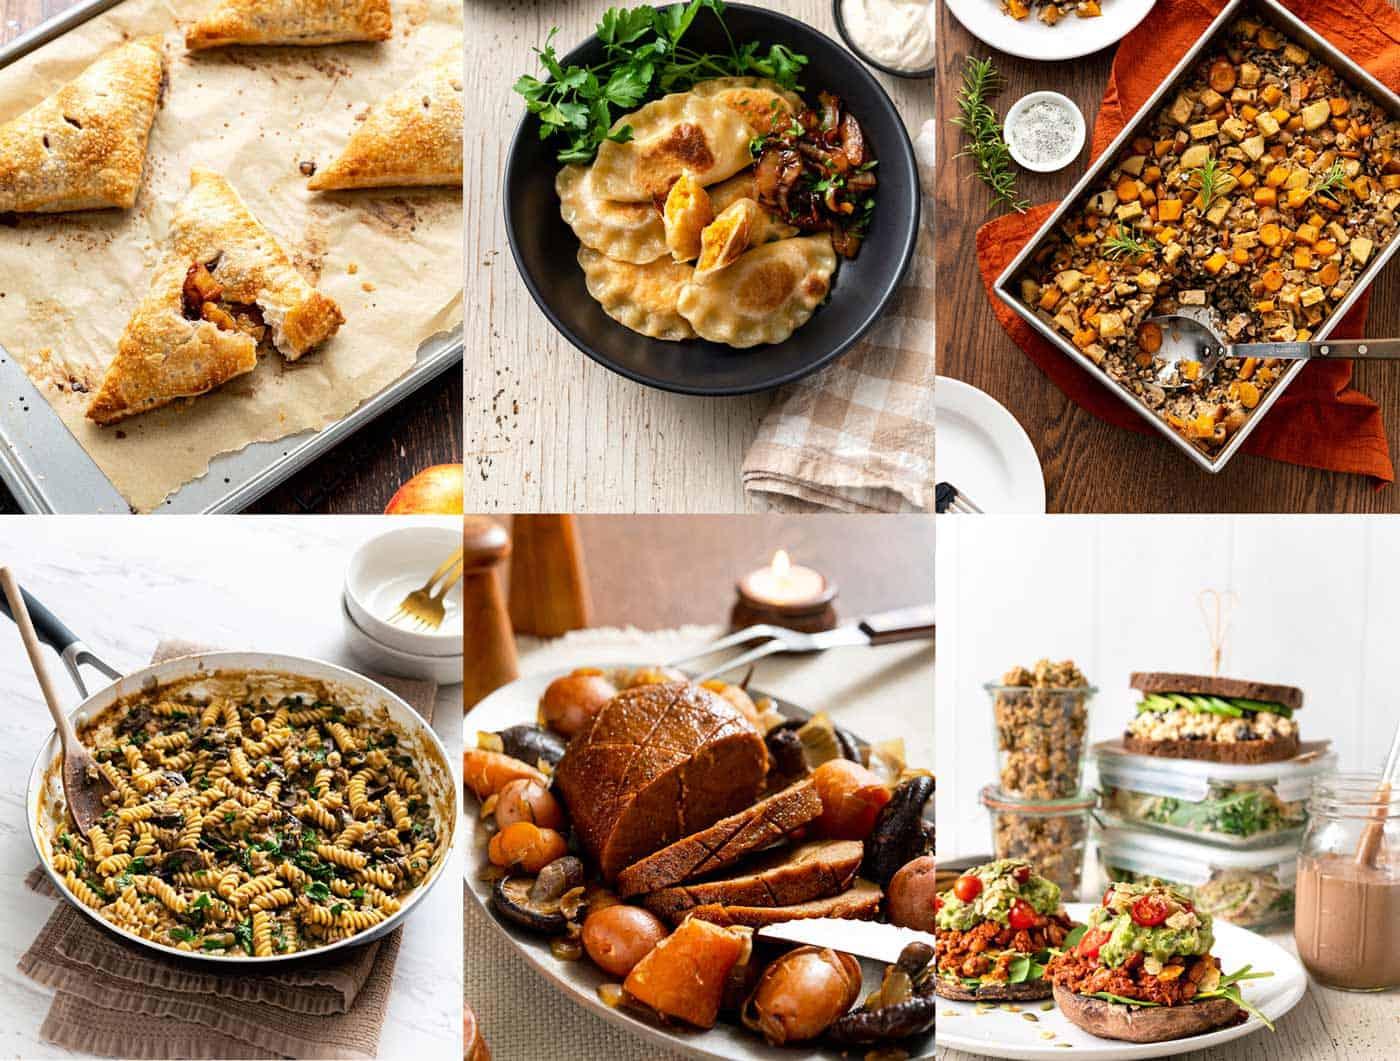 Image collage of various vegan recipes, like pierogi, seitan roast, meal prep, and pasta